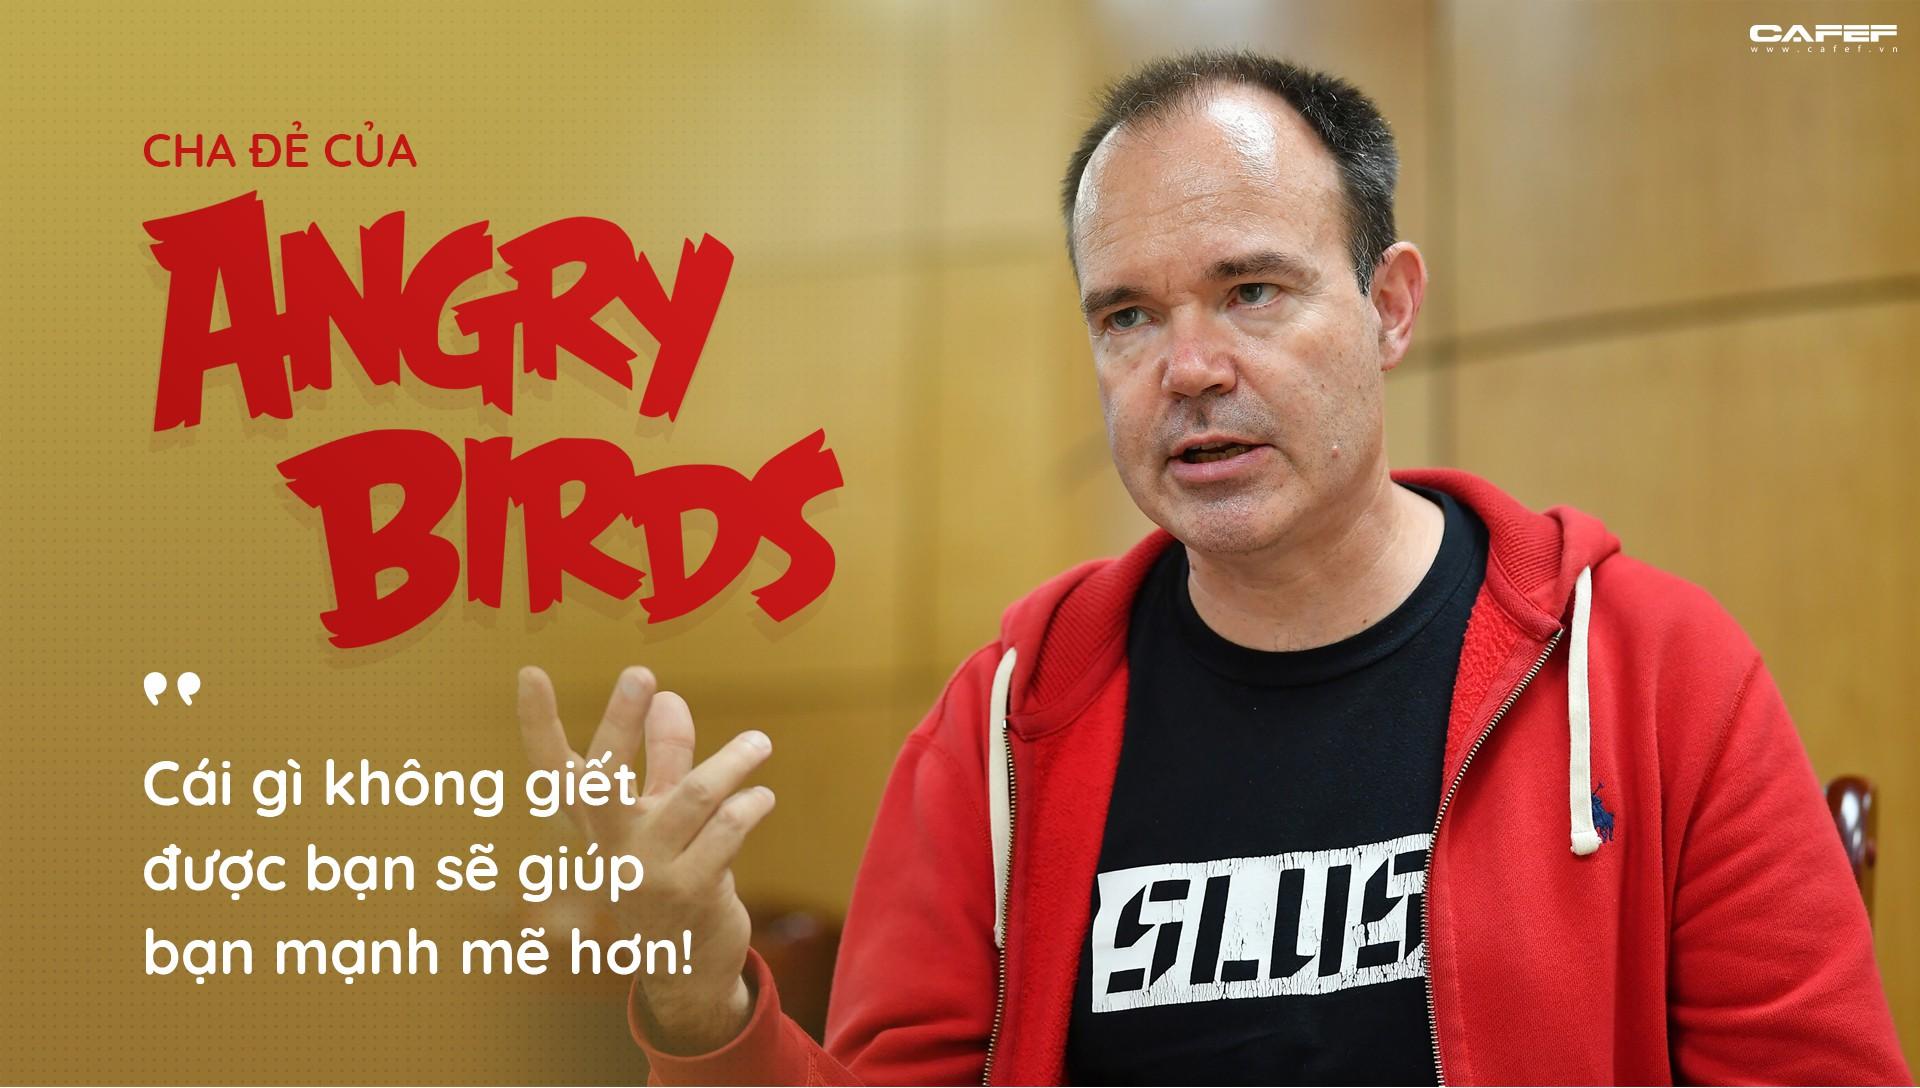 Cha đẻ của Angry Birds: Cái gì không giết được bạn sẽ giúp bạn mạnh mẽ hơn